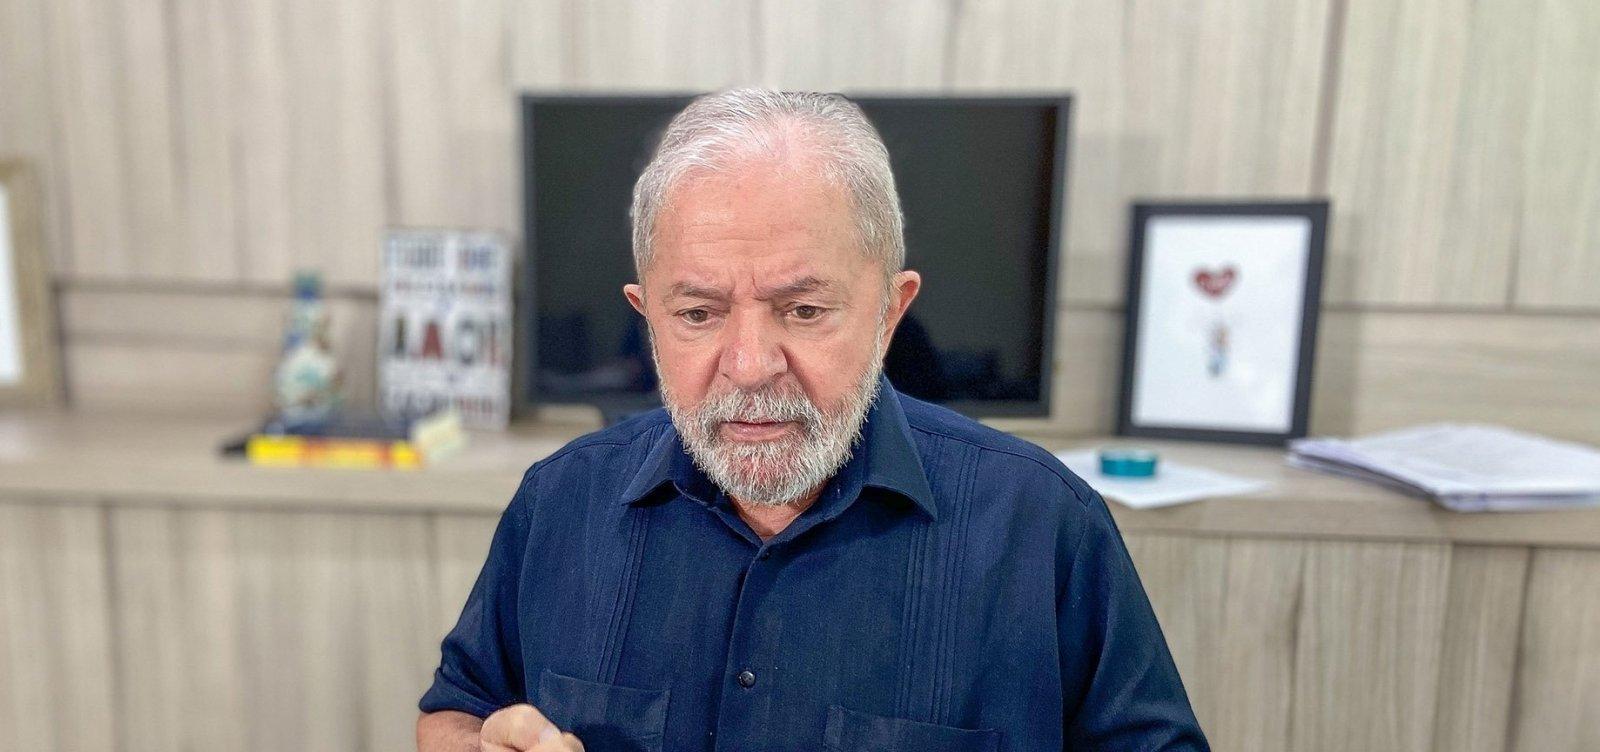 ['Ainda bem' que 'monstro' do coronavírus veio para demonstrar necessidade do Estado, diz Lula]